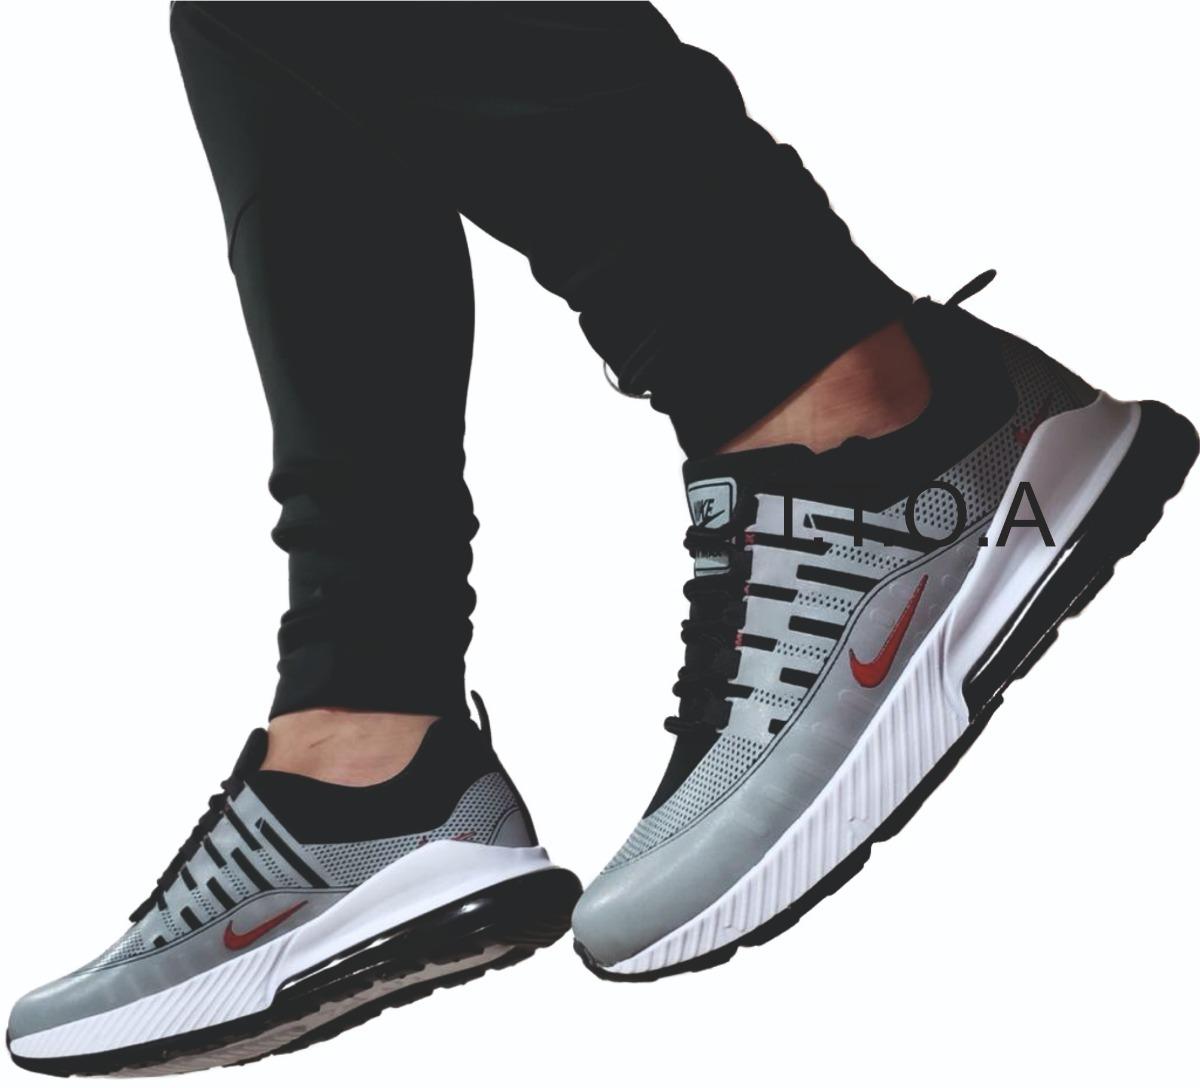 7ebb472b zapatos deportivos botas - tenis de caballero tallas 35/43. Cargando zoom.